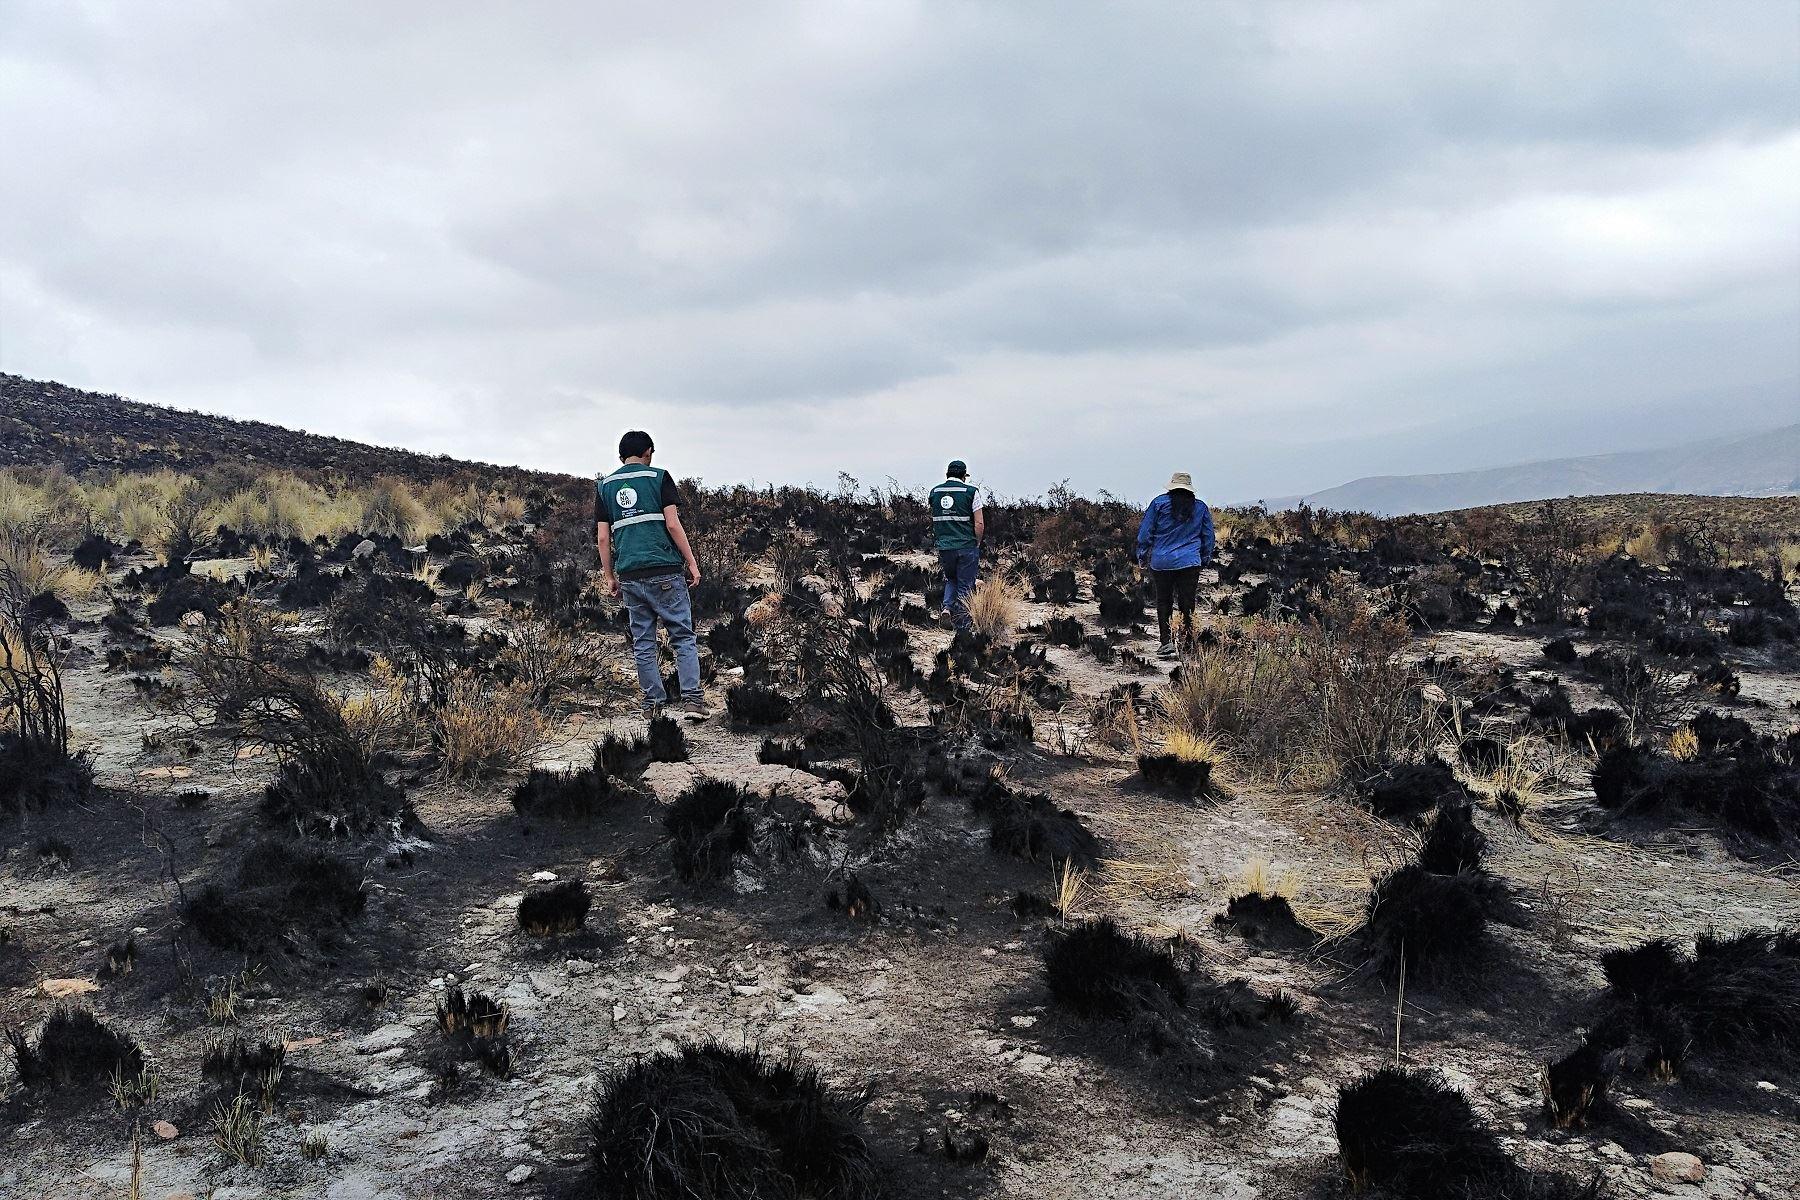 Incendio forestal en Arequipa afecta a 500 hectáreas de pastos naturales. ANDINA